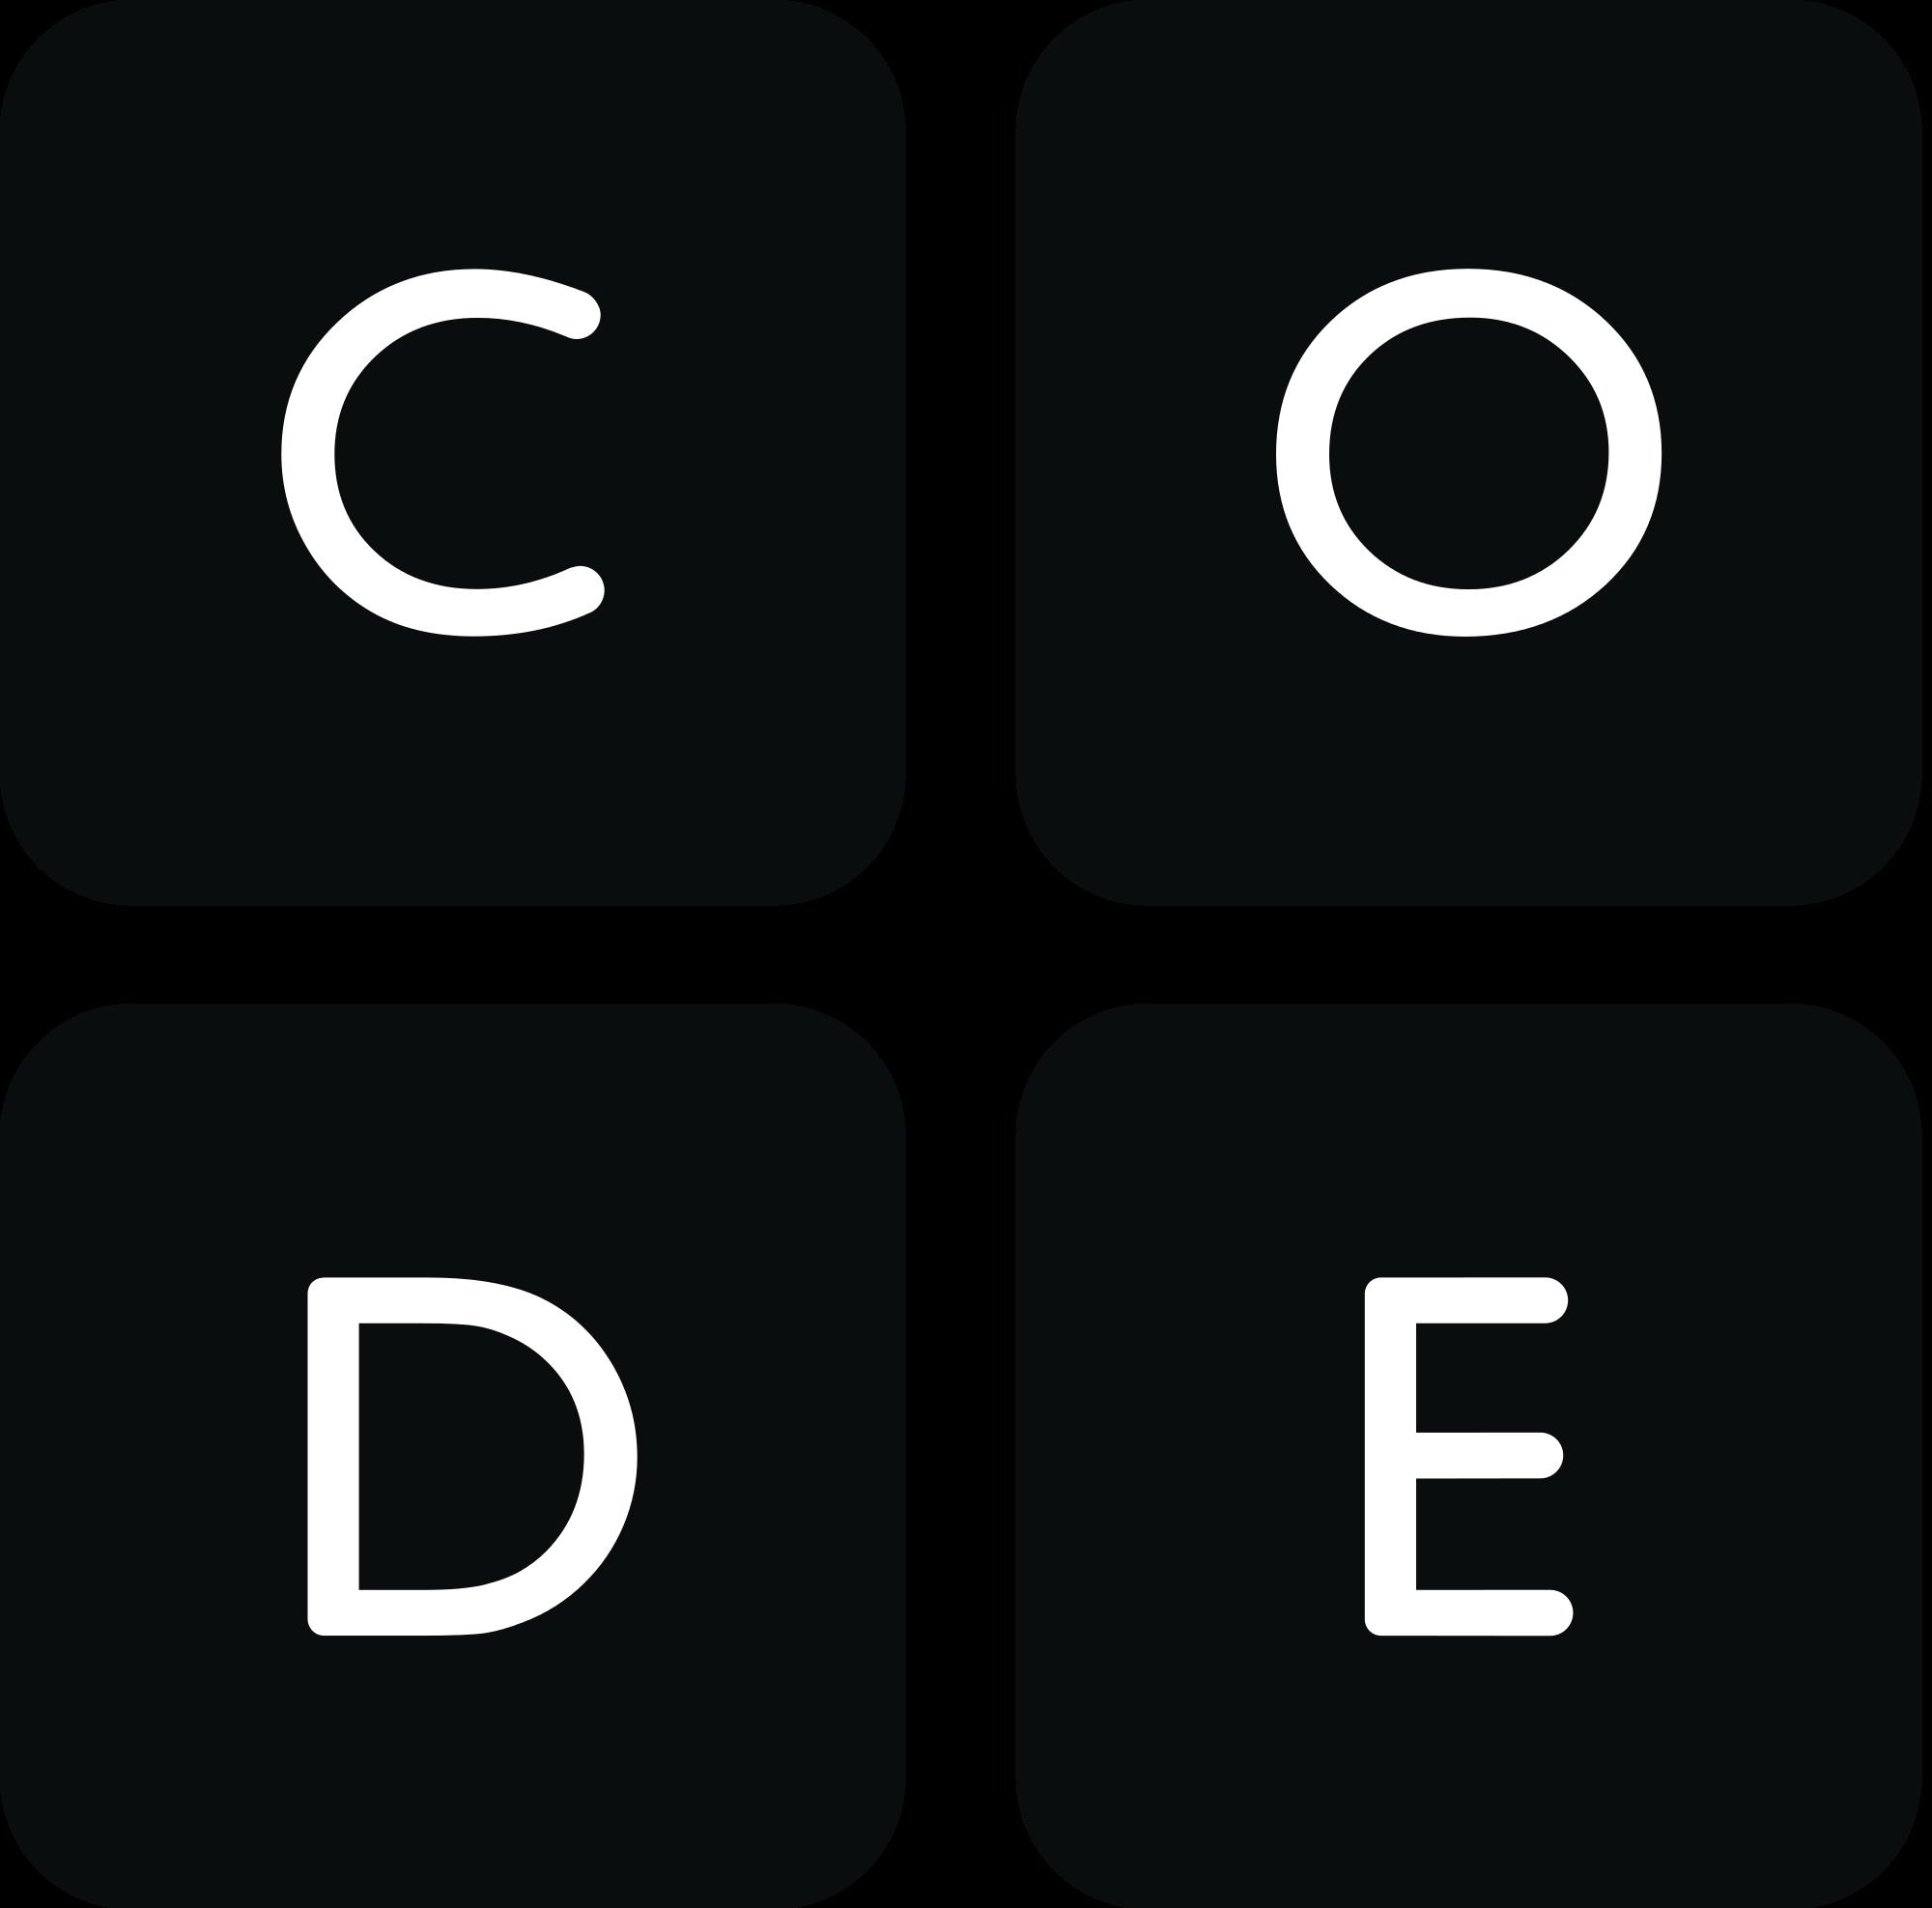 2000x1975 Problem clipart computer code